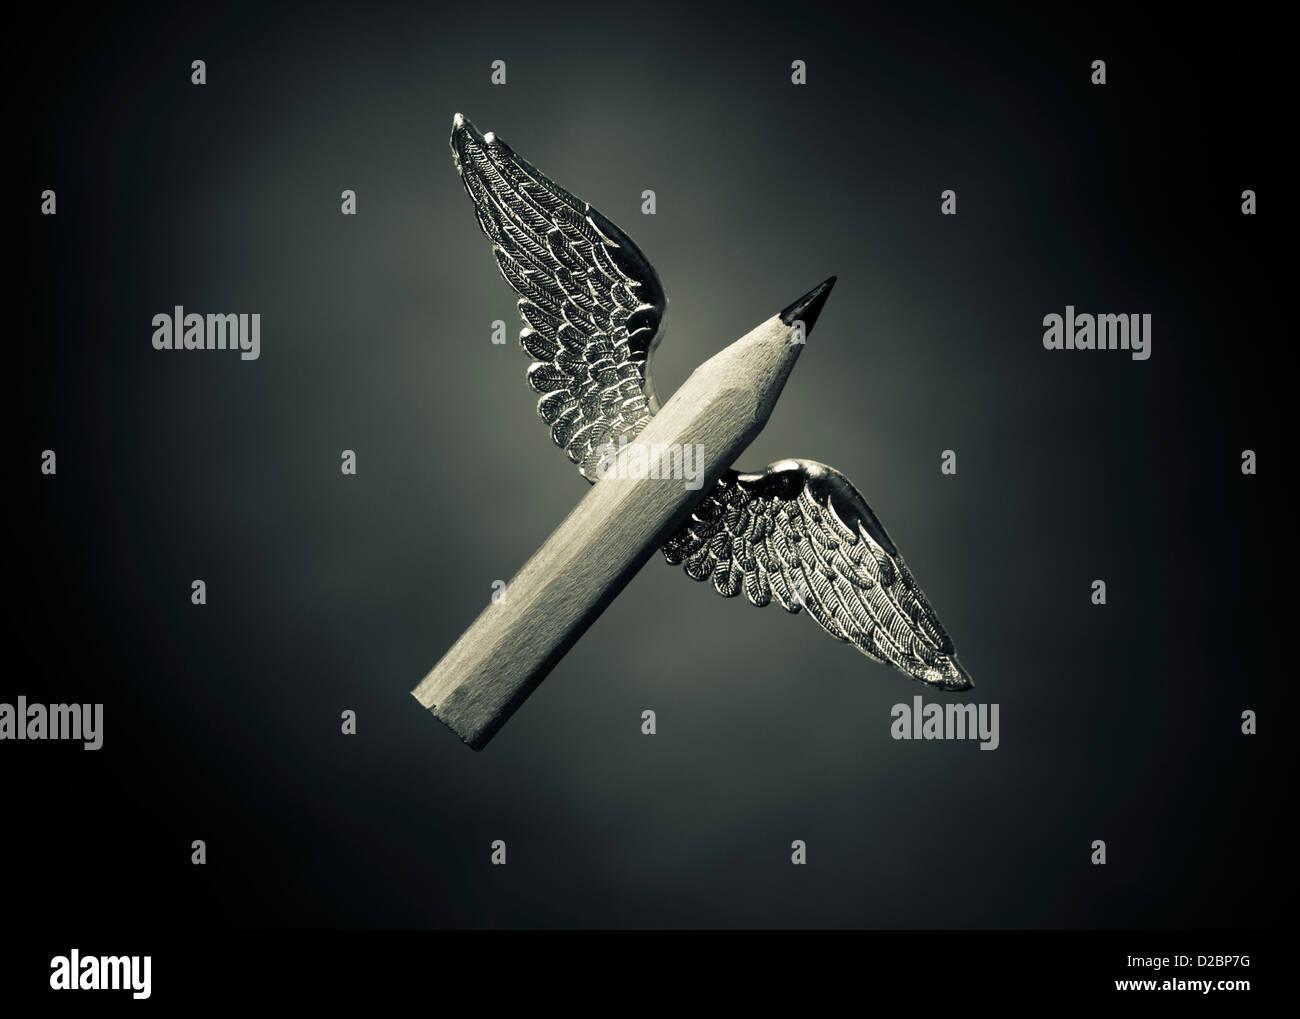 Geflügelte Worte - Konzept des kreativen Schreibens. Ein kurzer Stift mit Flügeln. Stockbild